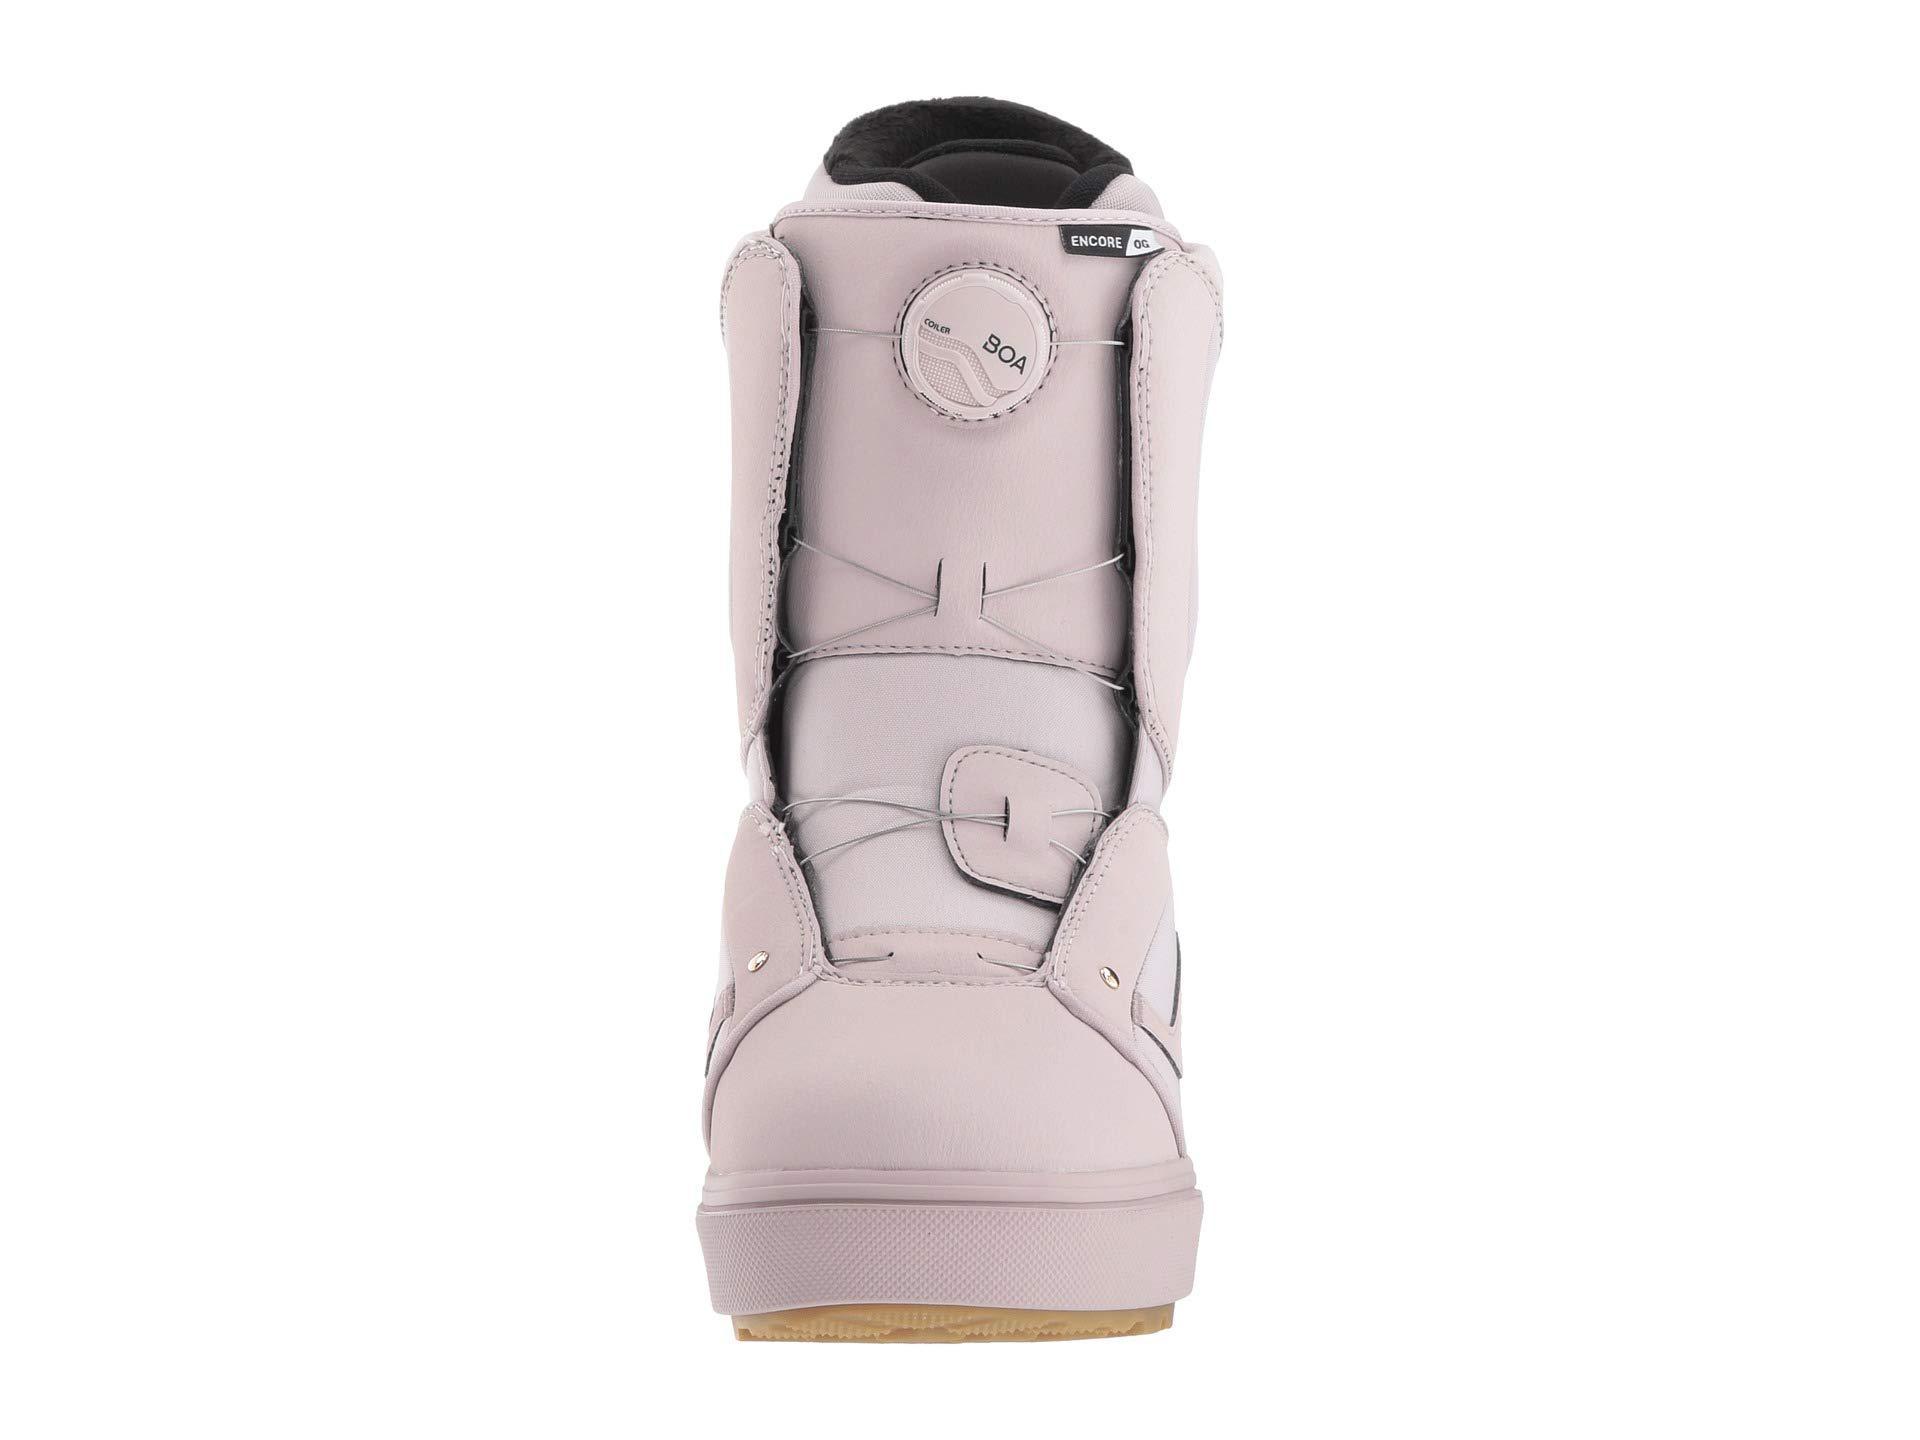 a9c6830cc3e289 Vans - Multicolor Encoretm Og  18 (sea Fog gum) Women s Snow Shoes. View  fullscreen